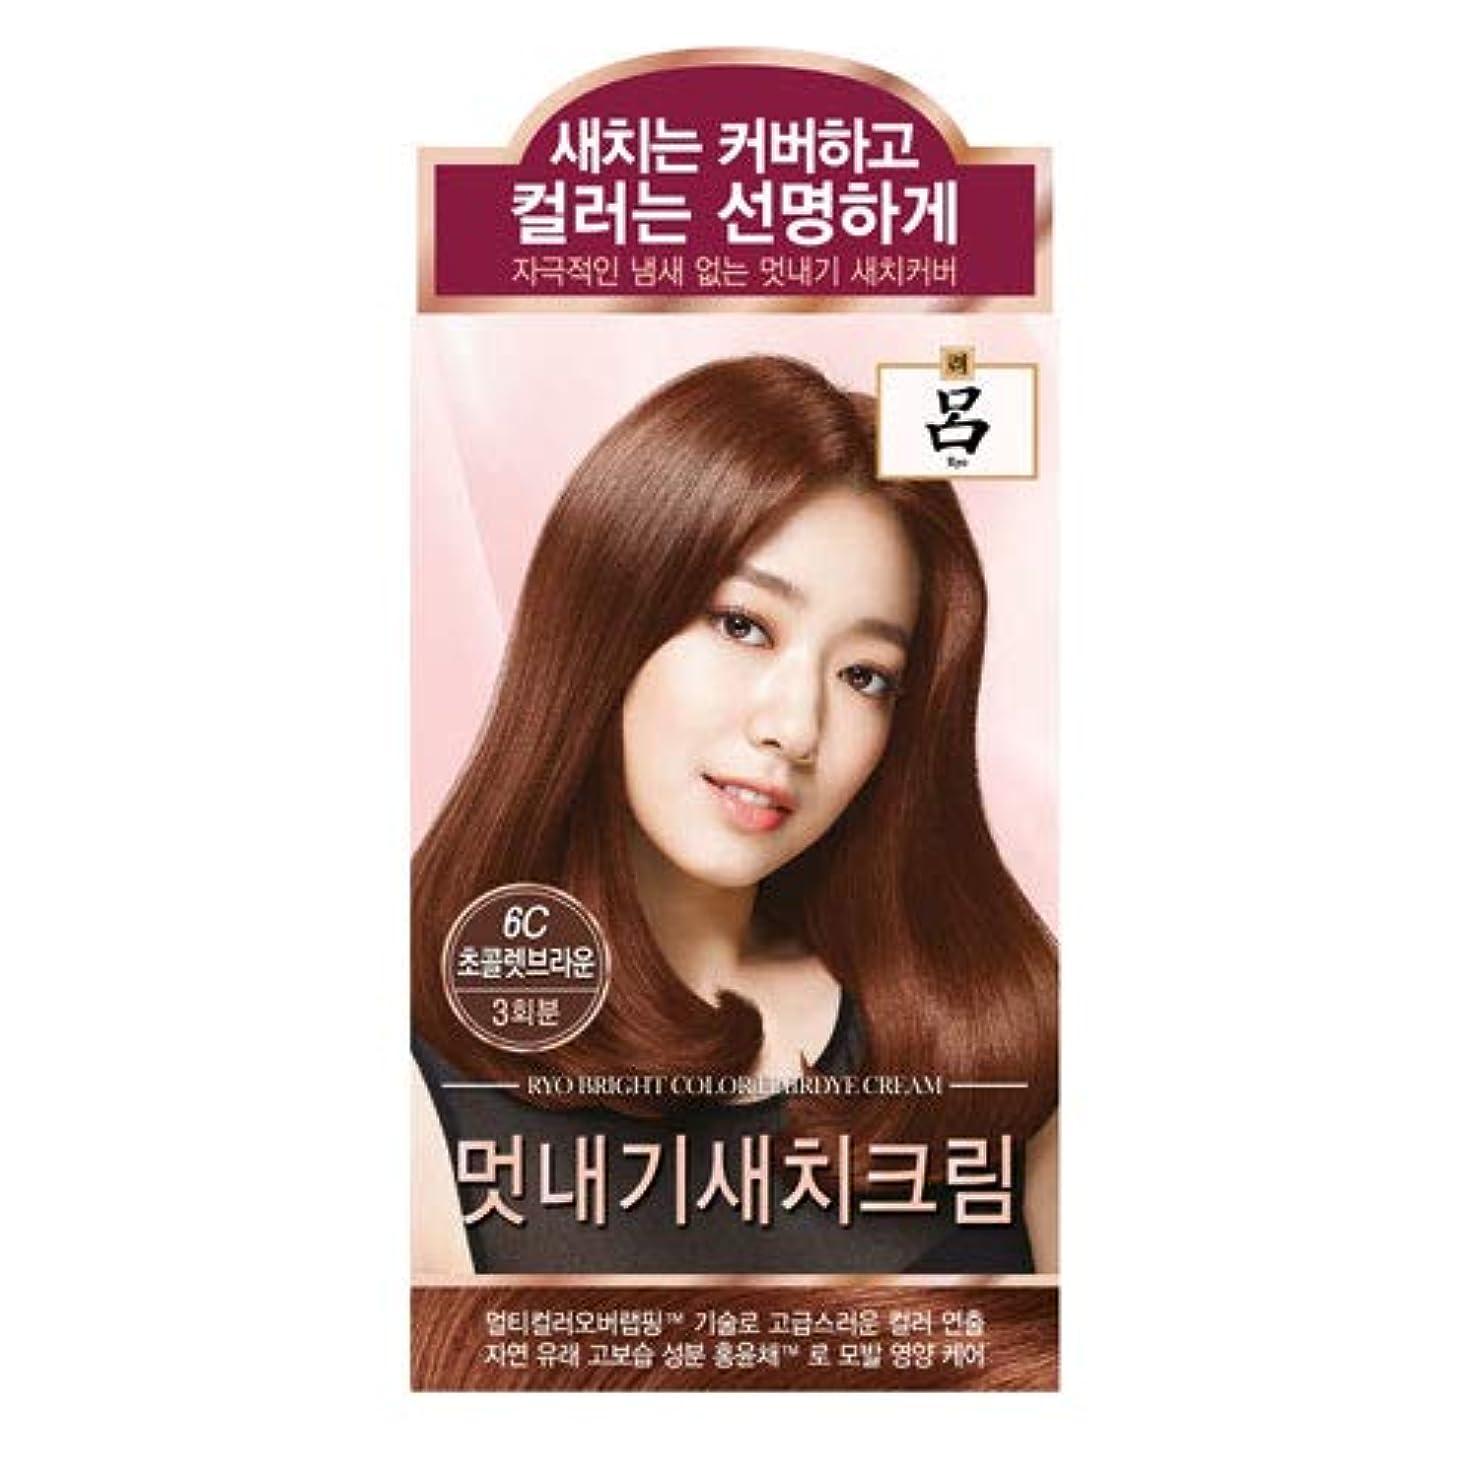 特権的ハンマー所得アモーレパシフィック呂[AMOREPACIFIC/Ryo] ブライトカラーヘアアイクリーム 6C チョコレートブラウン/Bright Color Hairdye Cream 6C Chocolate Brown